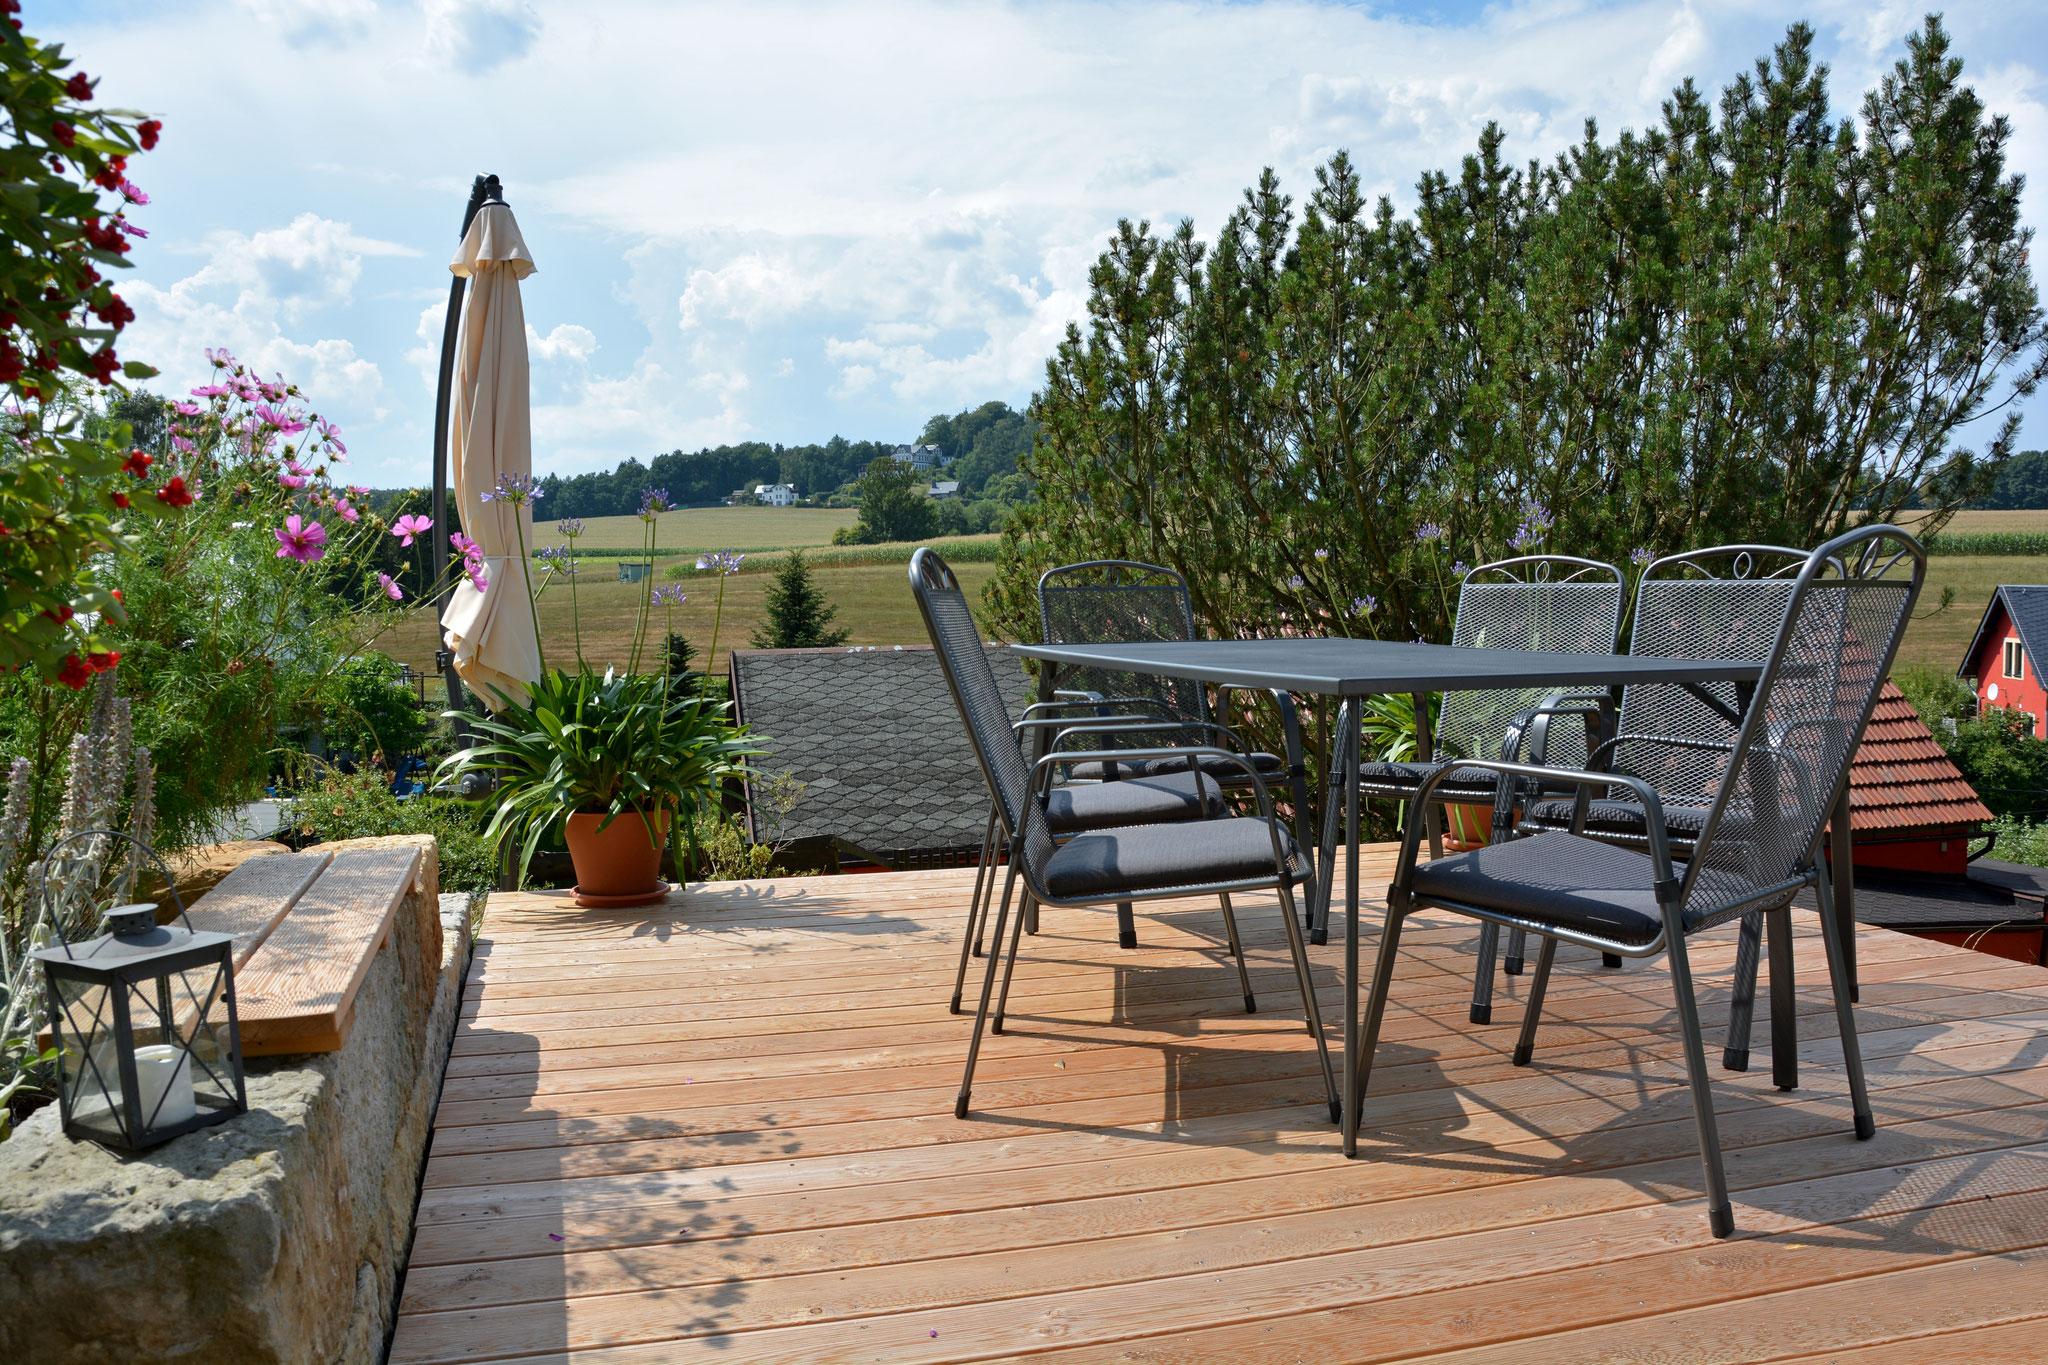 Terrasse im Freien